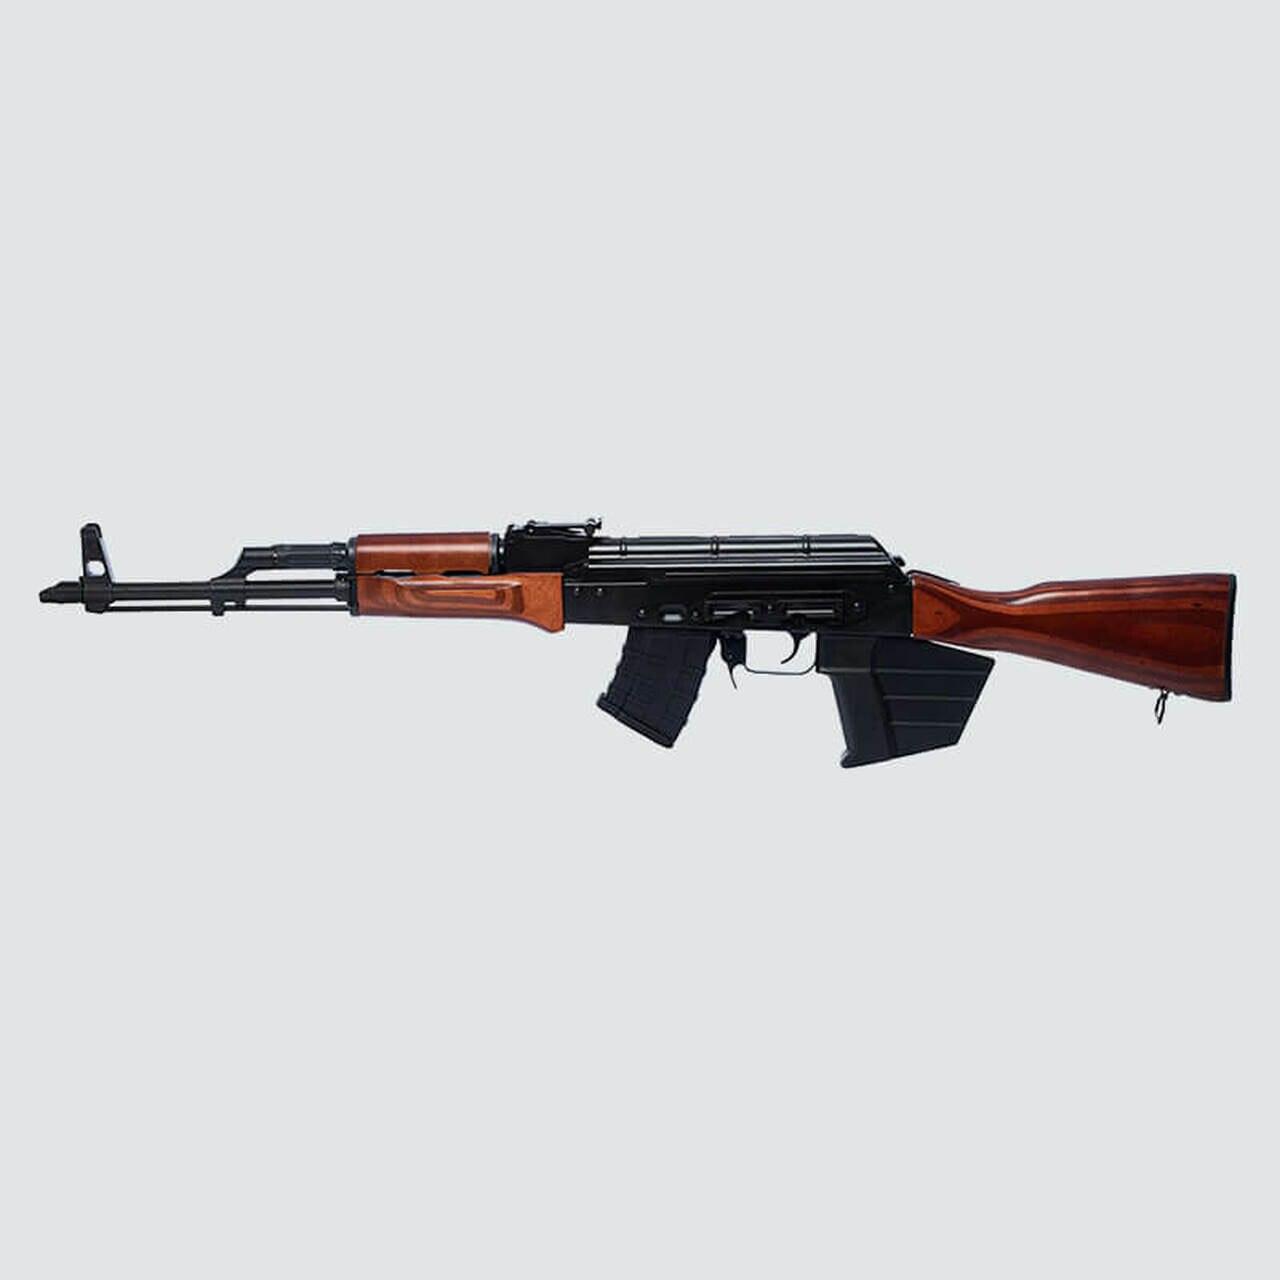 """Image of Riley Defense RAK47 7.62X39, 16"""" Barrel, Black, Wood Stock, CA Compliant, 10 Rd Mag"""